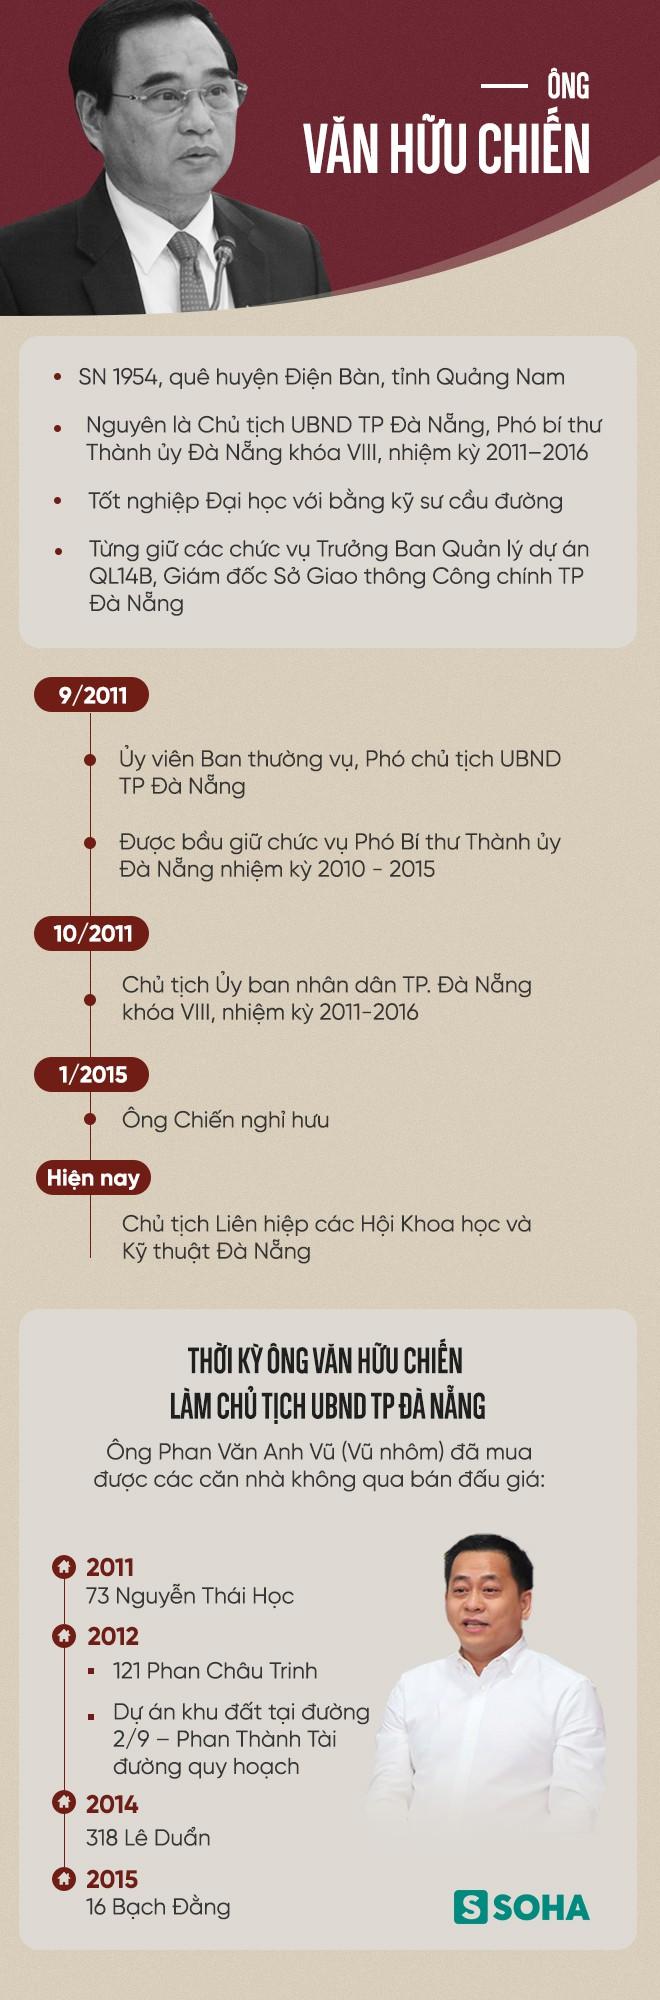 Chân dung nguyên chủ tịch Đà Nẵng Văn Hữu Chiến vừa bị khởi tố - Ảnh 2.